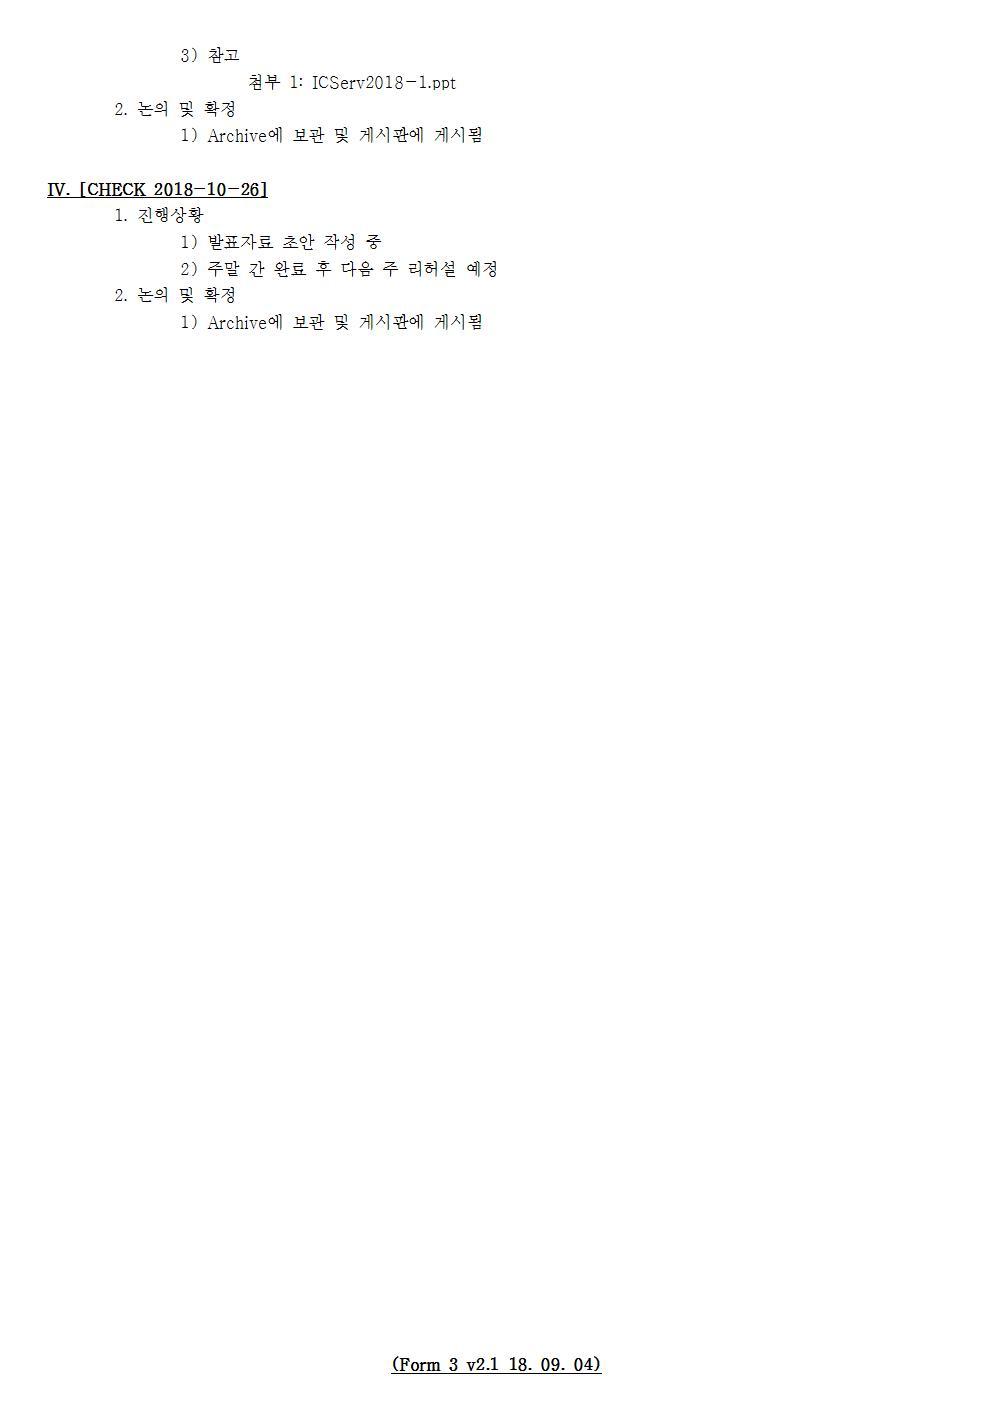 D-[18-018-PP-12]-[ICServ2018-Certification]-[2018-10-26][SH]002.jpg